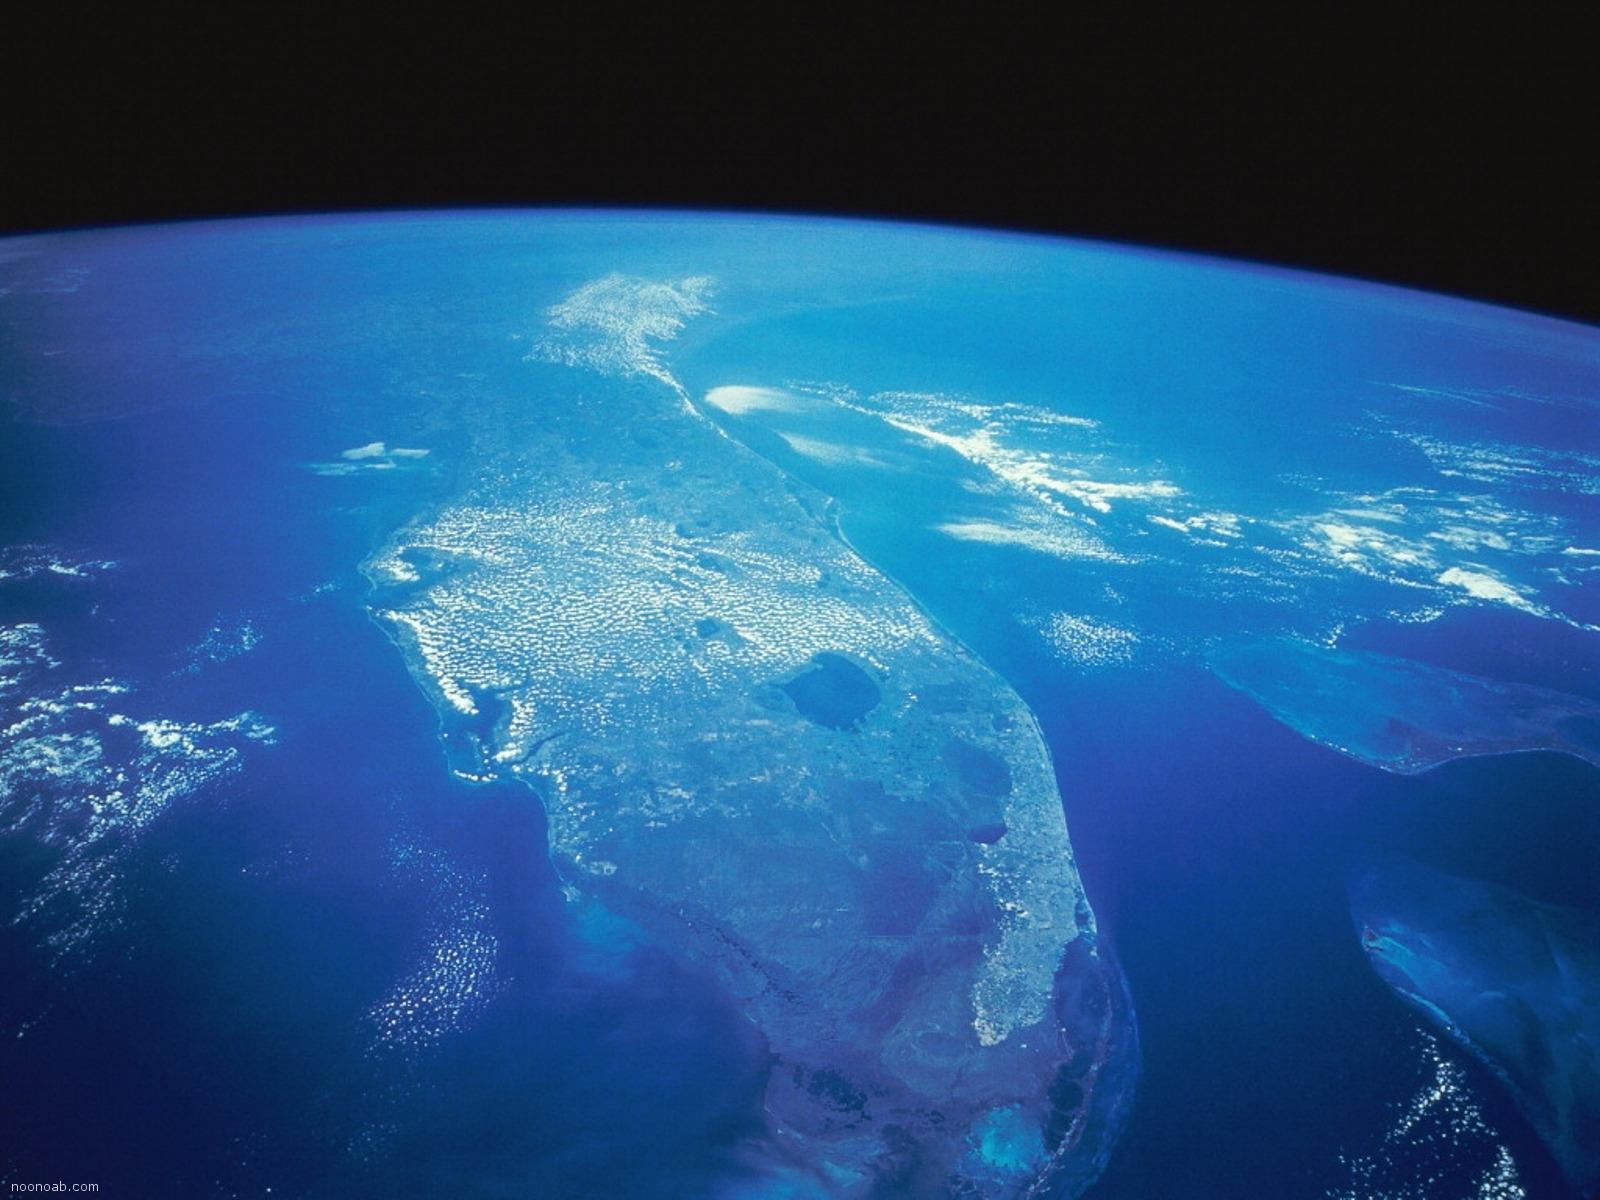 تصاویر بی نظیر و فوق العاده دیدنی کره زمین